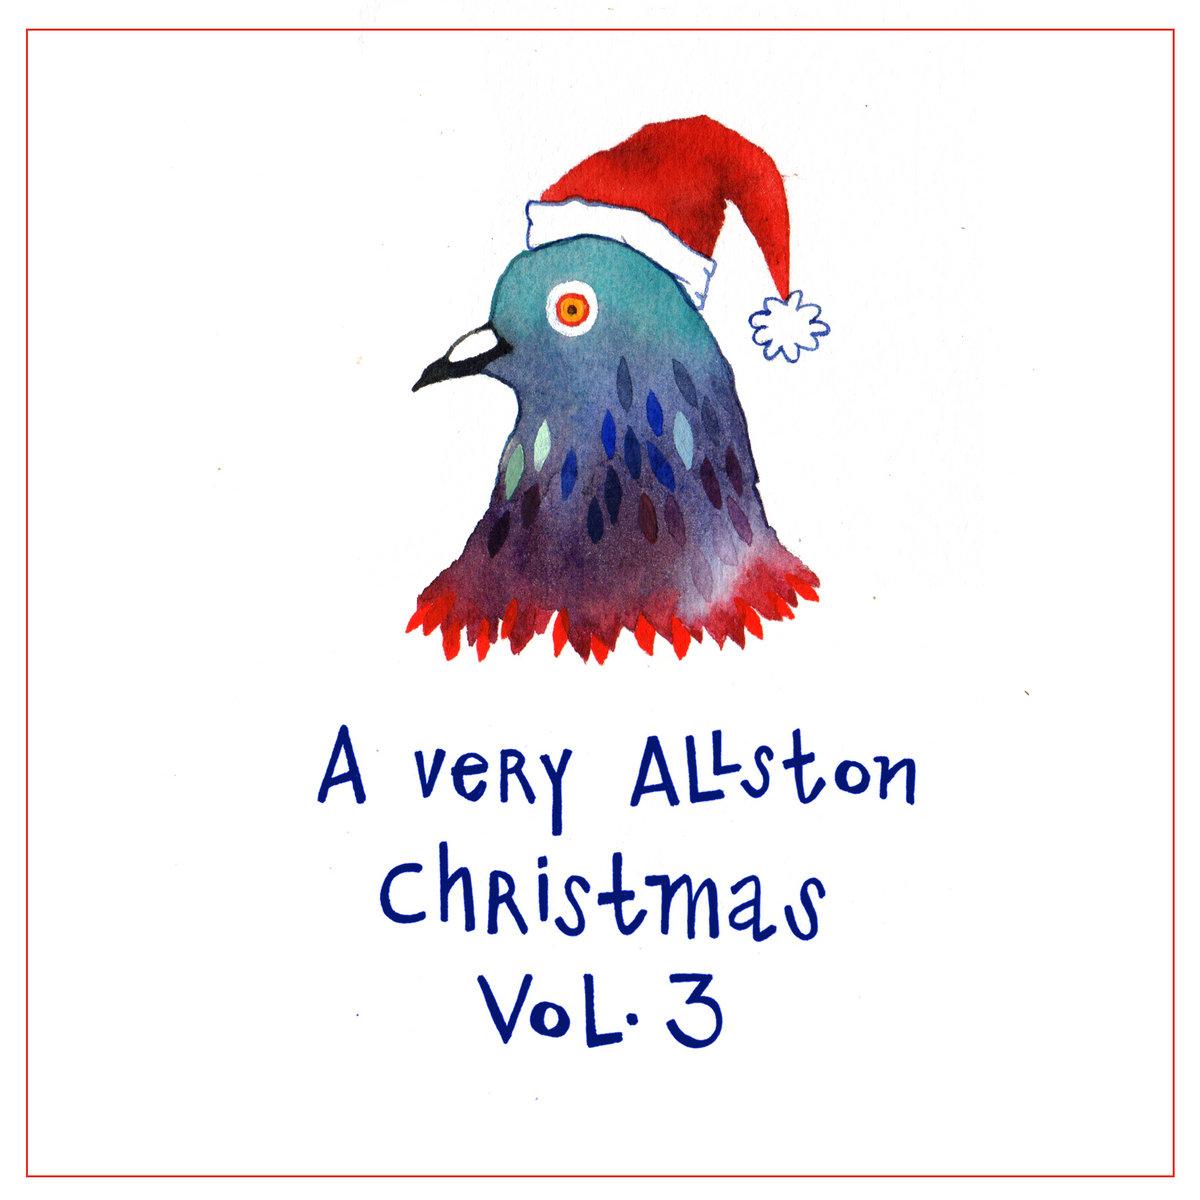 Allston Christmas